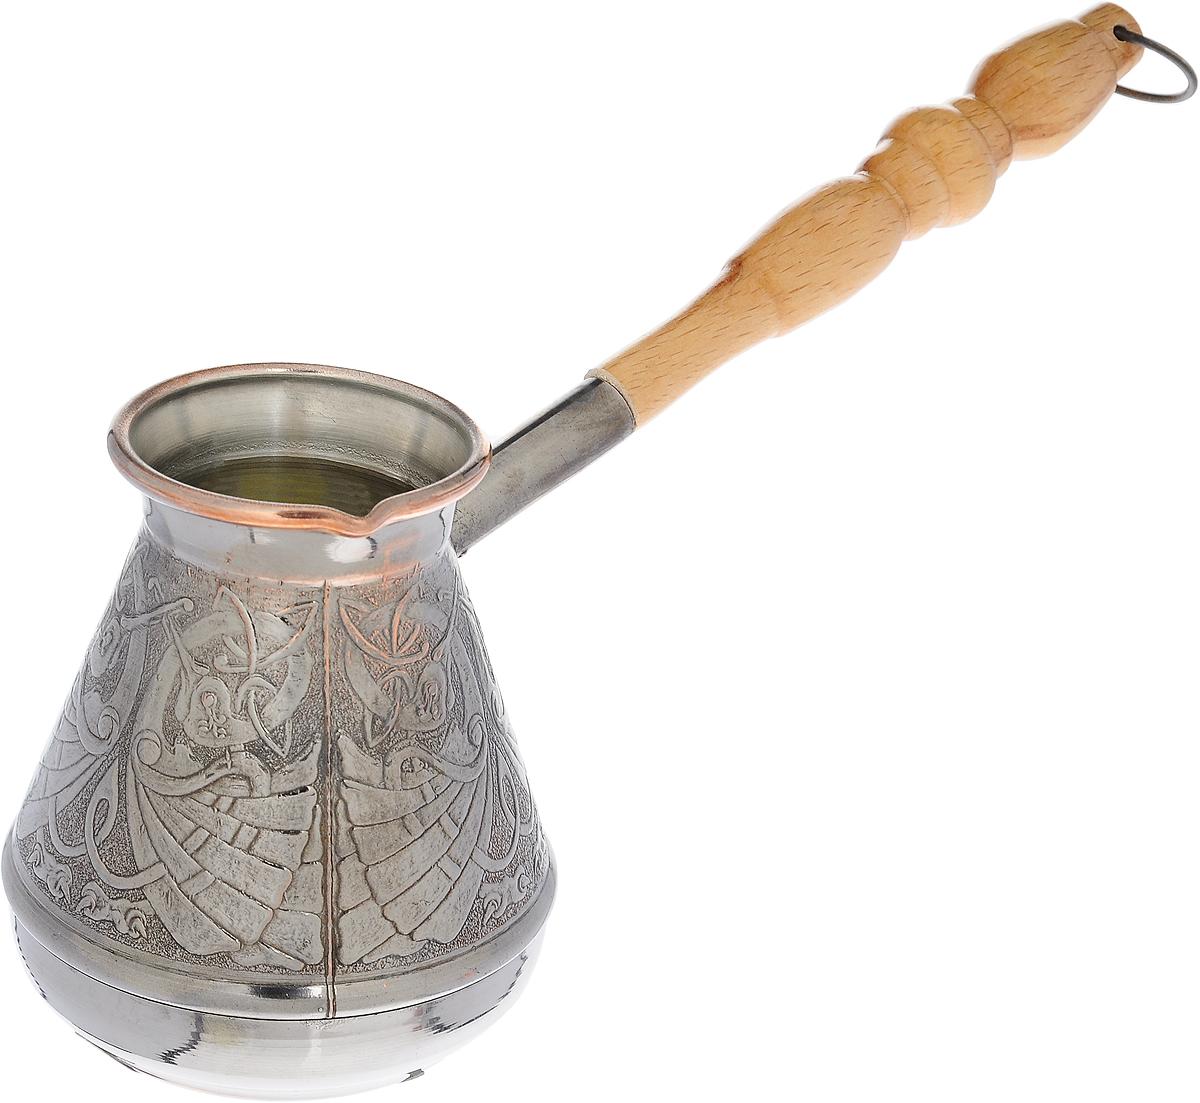 """Турка """"Станица"""" предназначена для приготовления натурального кофе. Изготовлена из  высококачественной  кованой меди. Внешние стенки декорированы красивым рельефным орнаментом. Внутри турка  покрыта пищевым  оловом. Изделие имеет узкое горлышко и специальный носик. Рукоятка выполнена из дерева и  снабжена  металлическим кольцом, благодаря которому изделие можно подвесить на крючок.  Кофе в турке варится очень просто. Насыпьте молотый кофе, залейте водой и варите на слабом  огне, не доводя до  кипения. Чем дольше кофе варить, тем крепче он становится.  Джезва - это турецкое слово, которое обозначает сосуд с длинной ручкой, в котором варят кофе  по-турецки.   Диаметр турки (по верхнему краю): 6 см.  Диаметр дна: 7 см.  Длина ручки: 17 см.   Уважаемые клиенты!  Обращаем ваше внимание на возможные изменения в дизайне товара. Поставка осуществляется  в зависимости от наличия на складе."""